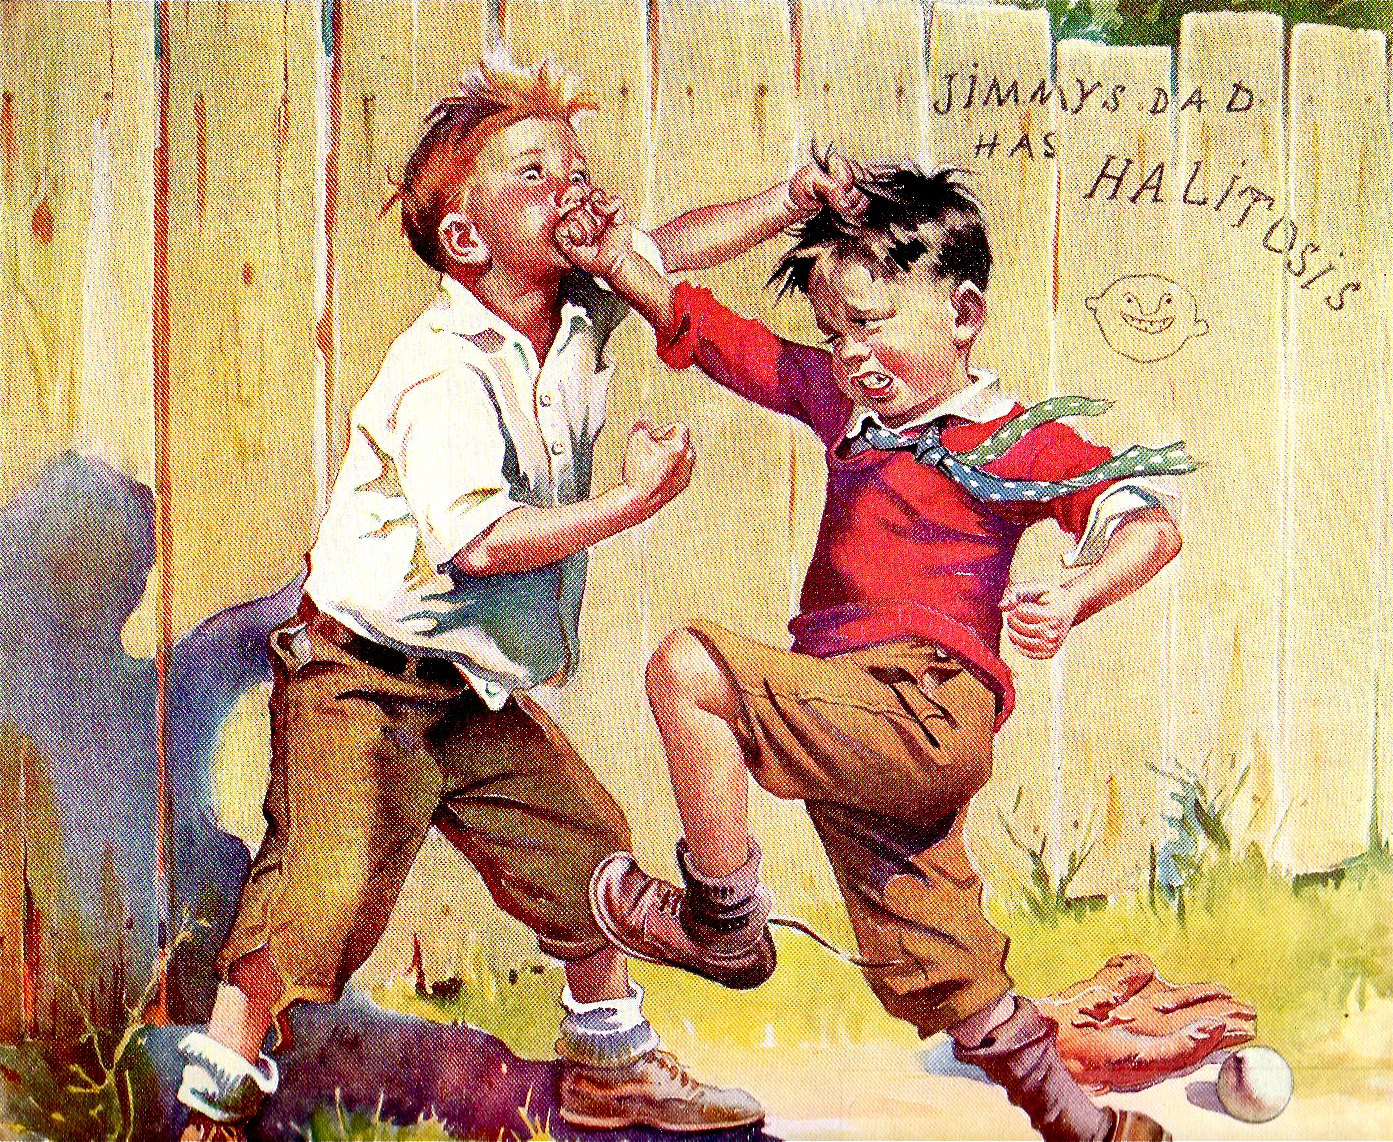 Унижение мультяшки фото 11 фотография